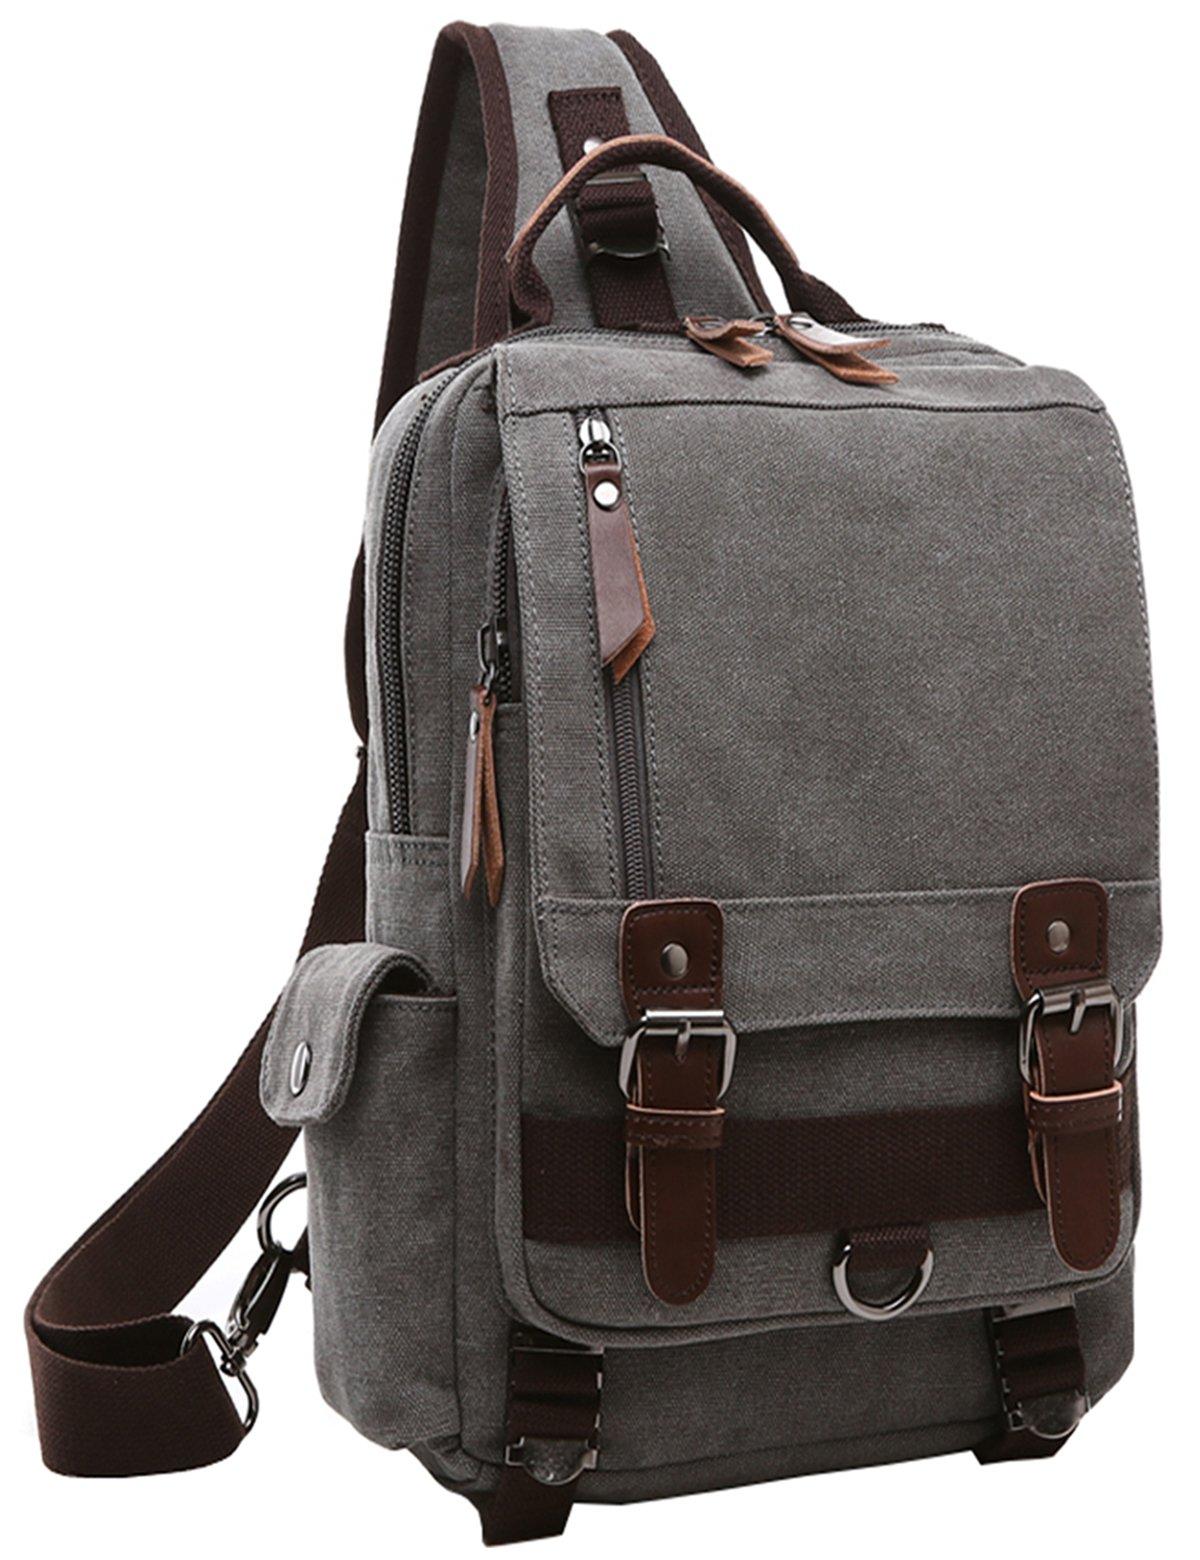 El-fmly Canvas Messenger Sling Bag Cross Body Shoulder Backpack, Shoulder Bag Travel Hiking Chest Bag Outdoor Sport Pack Rucksack for iPad Laptop Computer Men Women - Grey